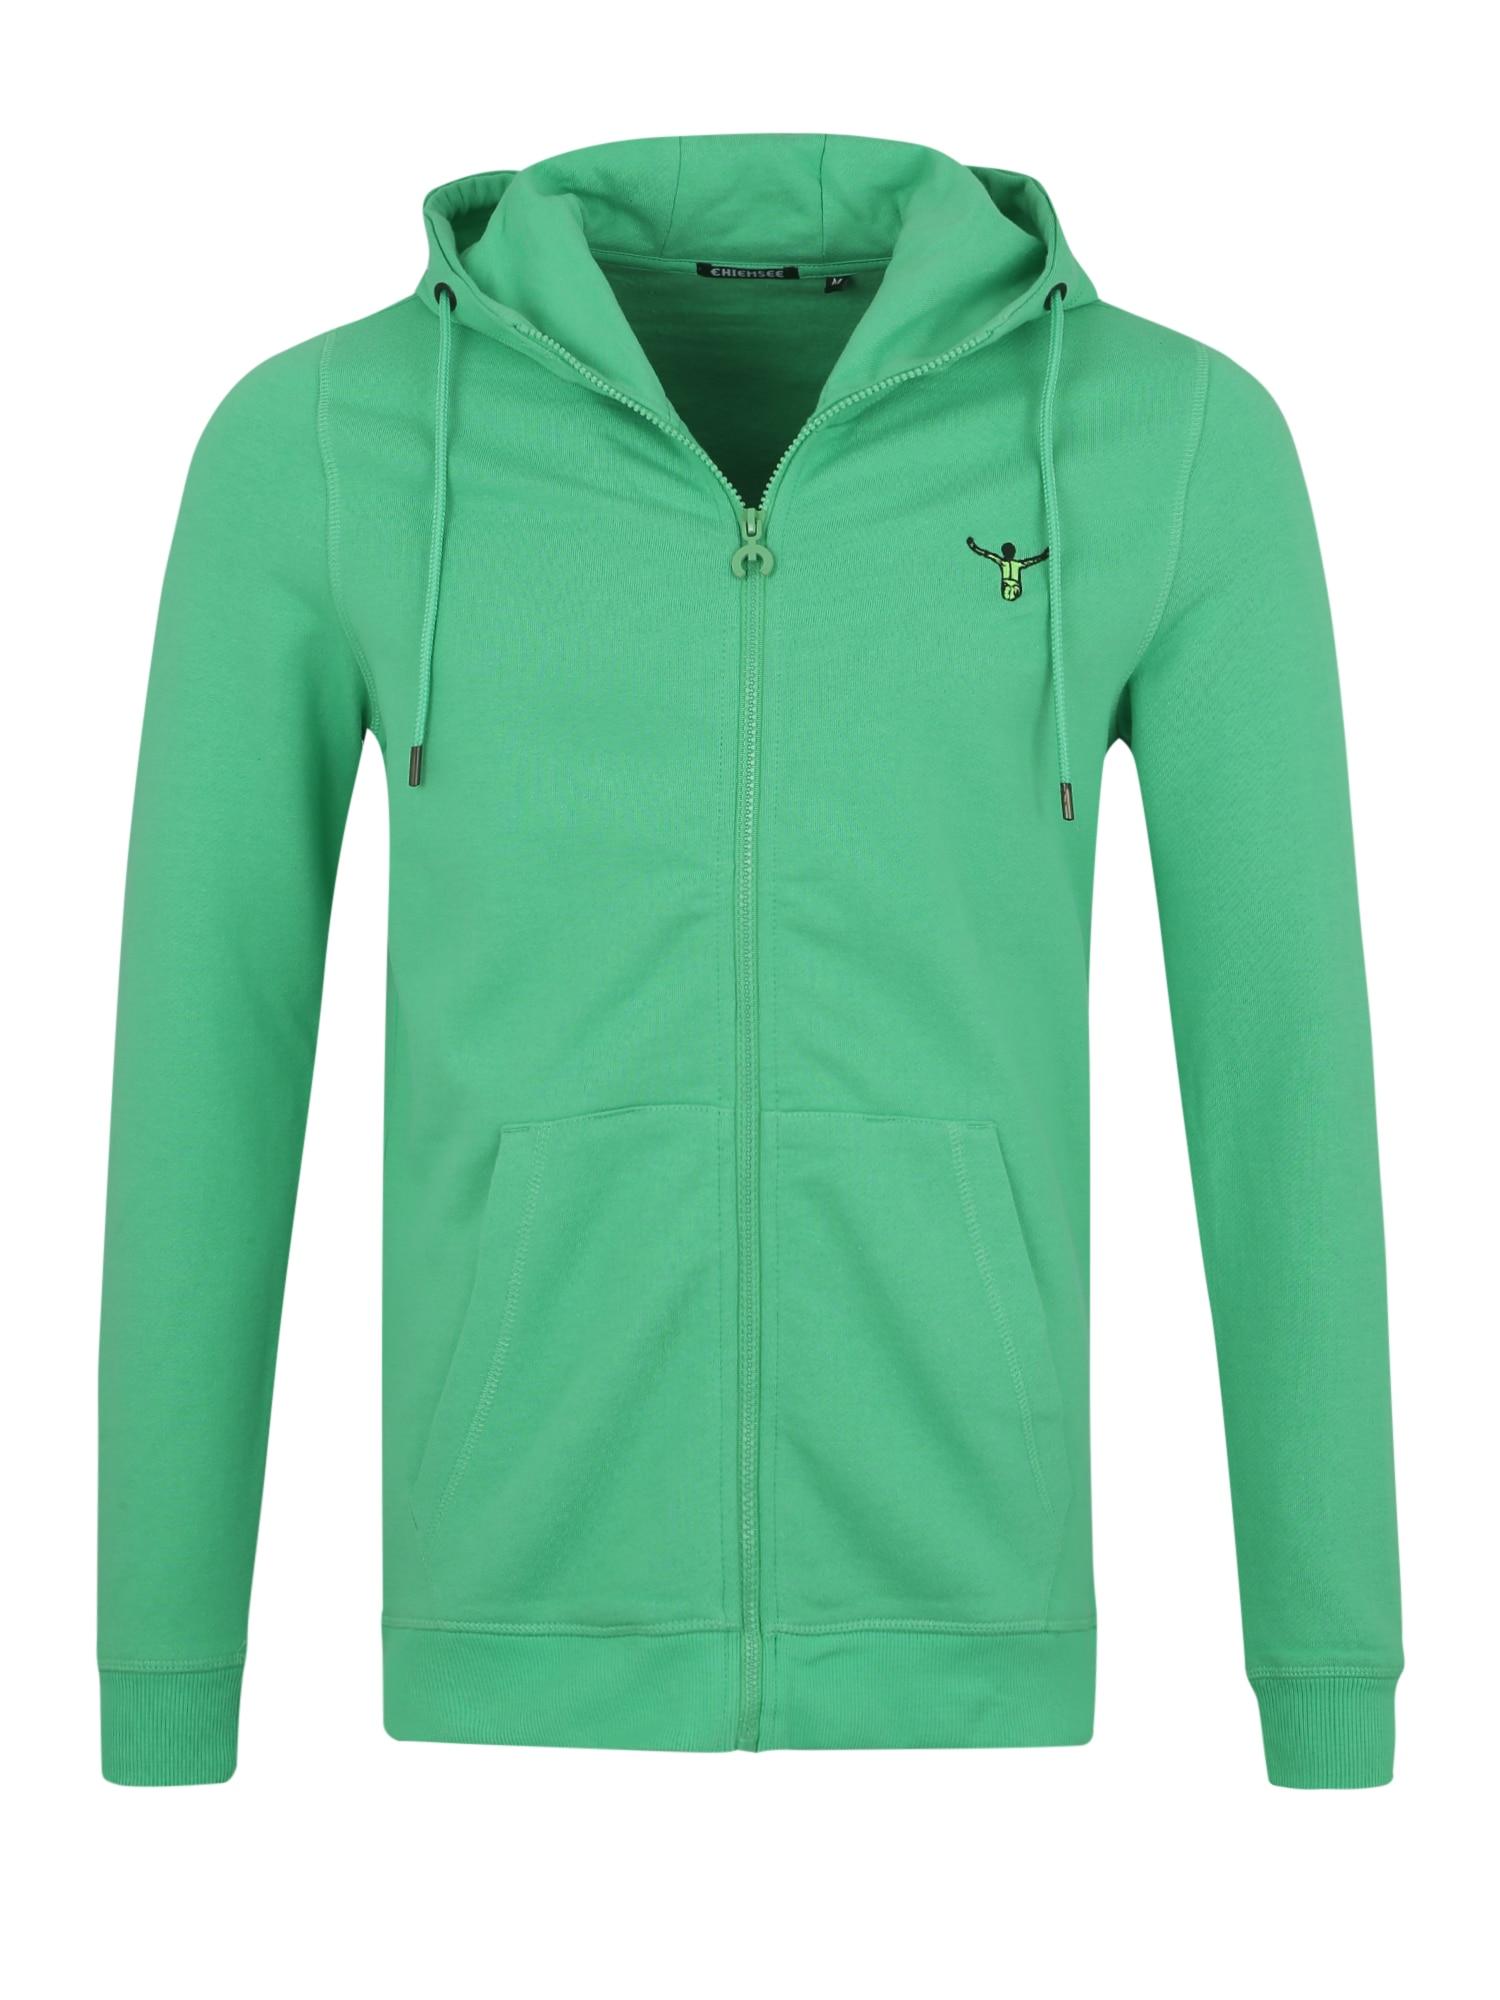 CHIEMSEE Sportinis džemperis žalia